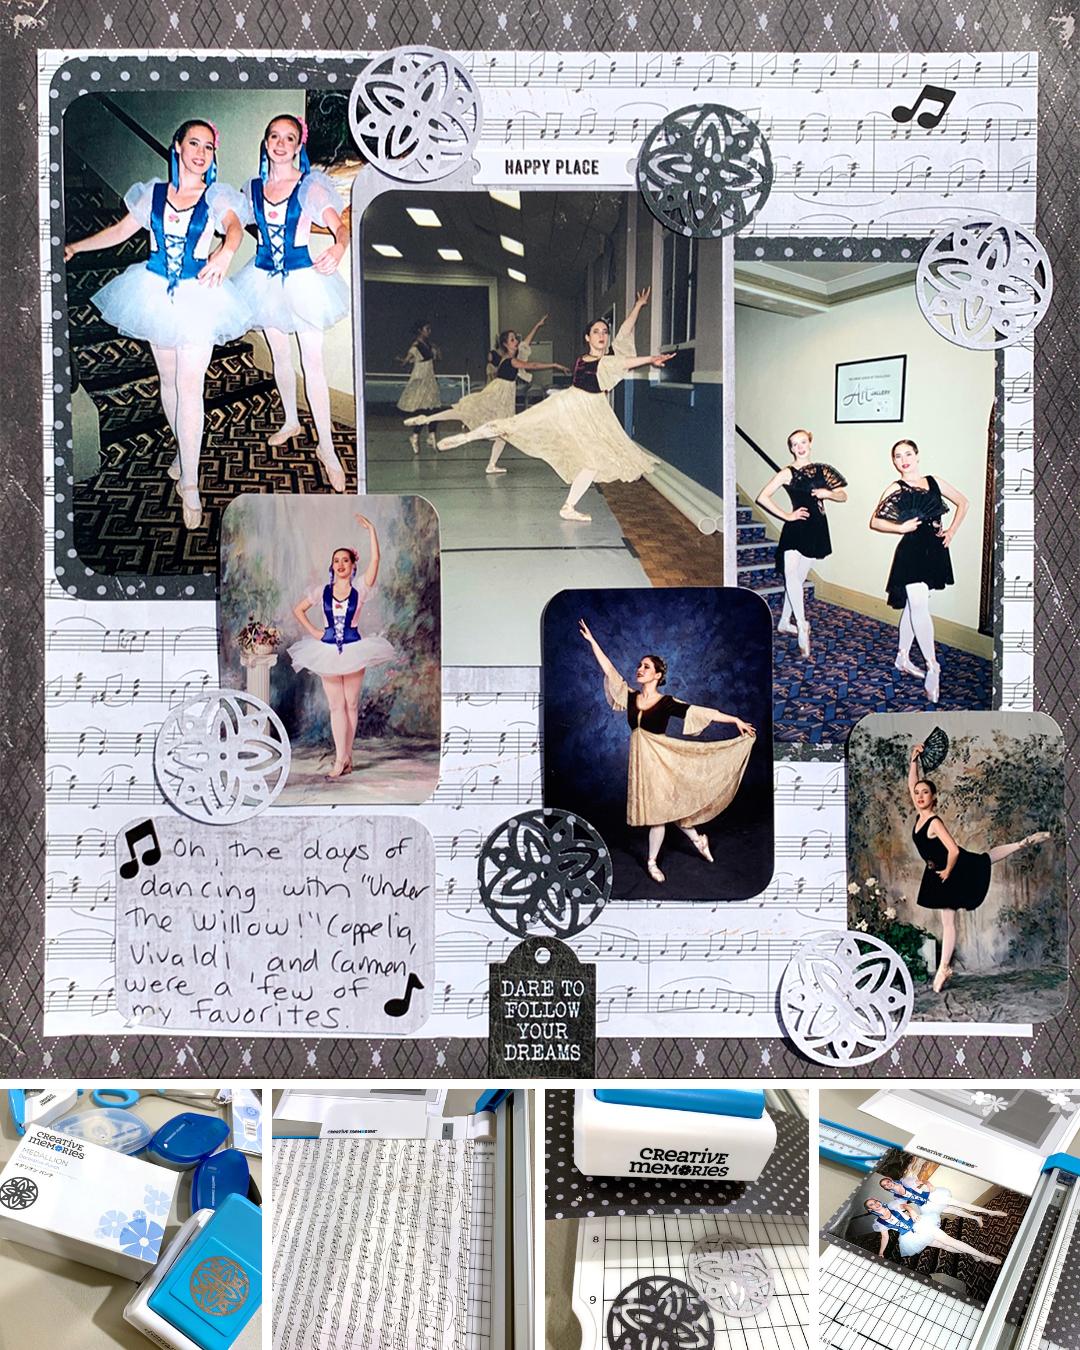 Virtual-Crop-Memoirs-Memories-Layout-Final-Creative-Memories